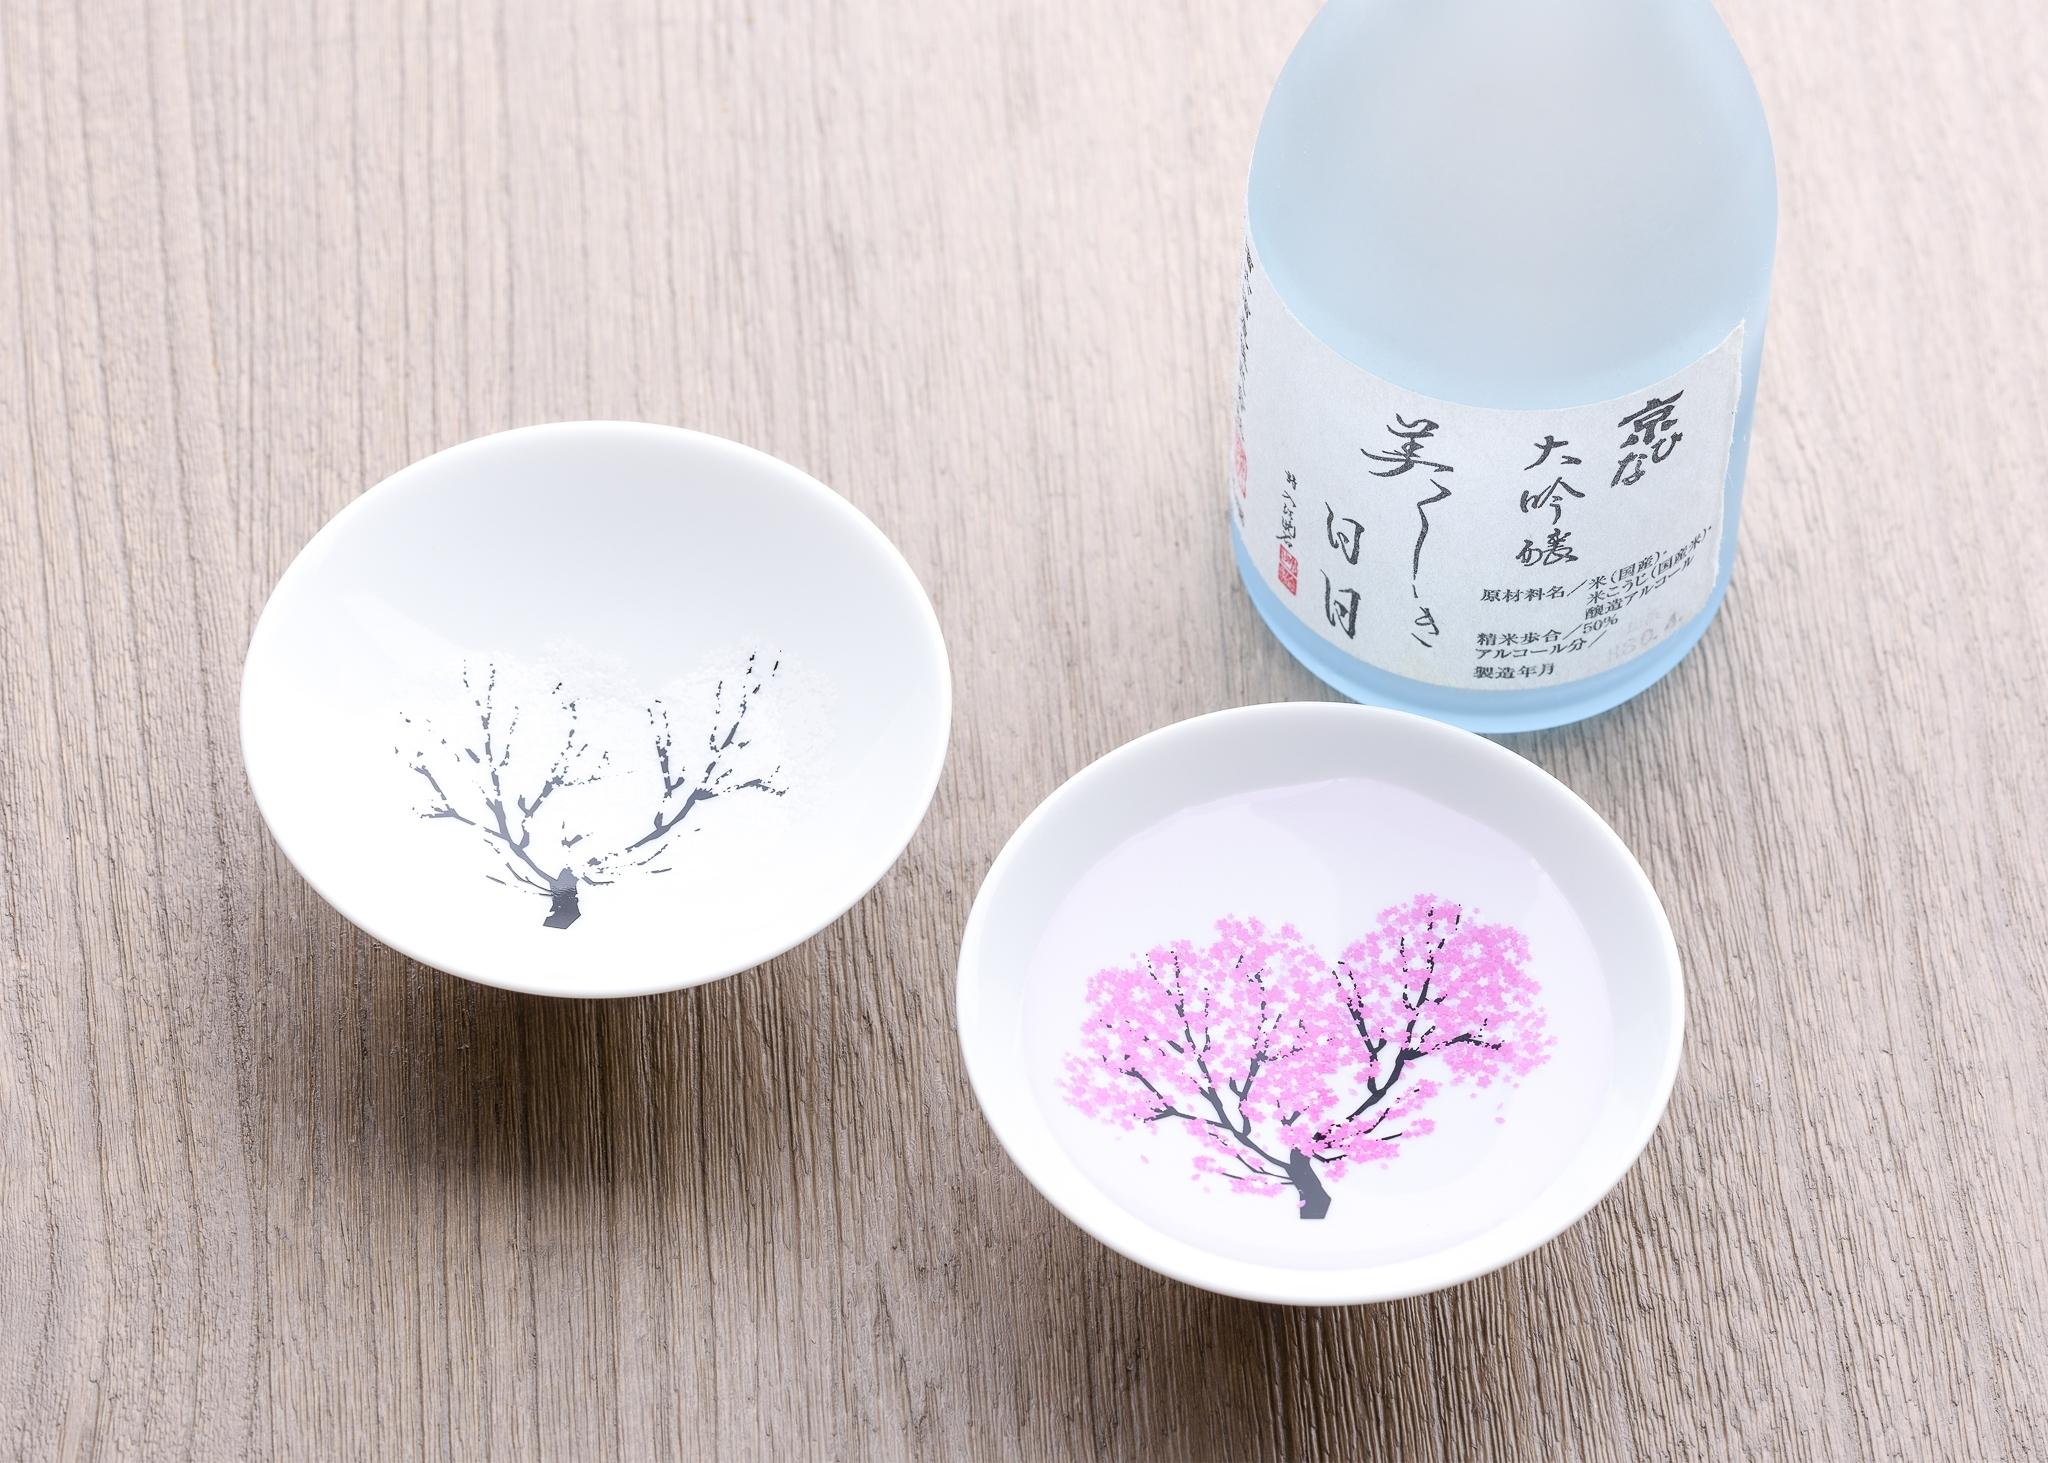 日本 高木陶器 櫻滿開冷感白平杯組 (一組2入)